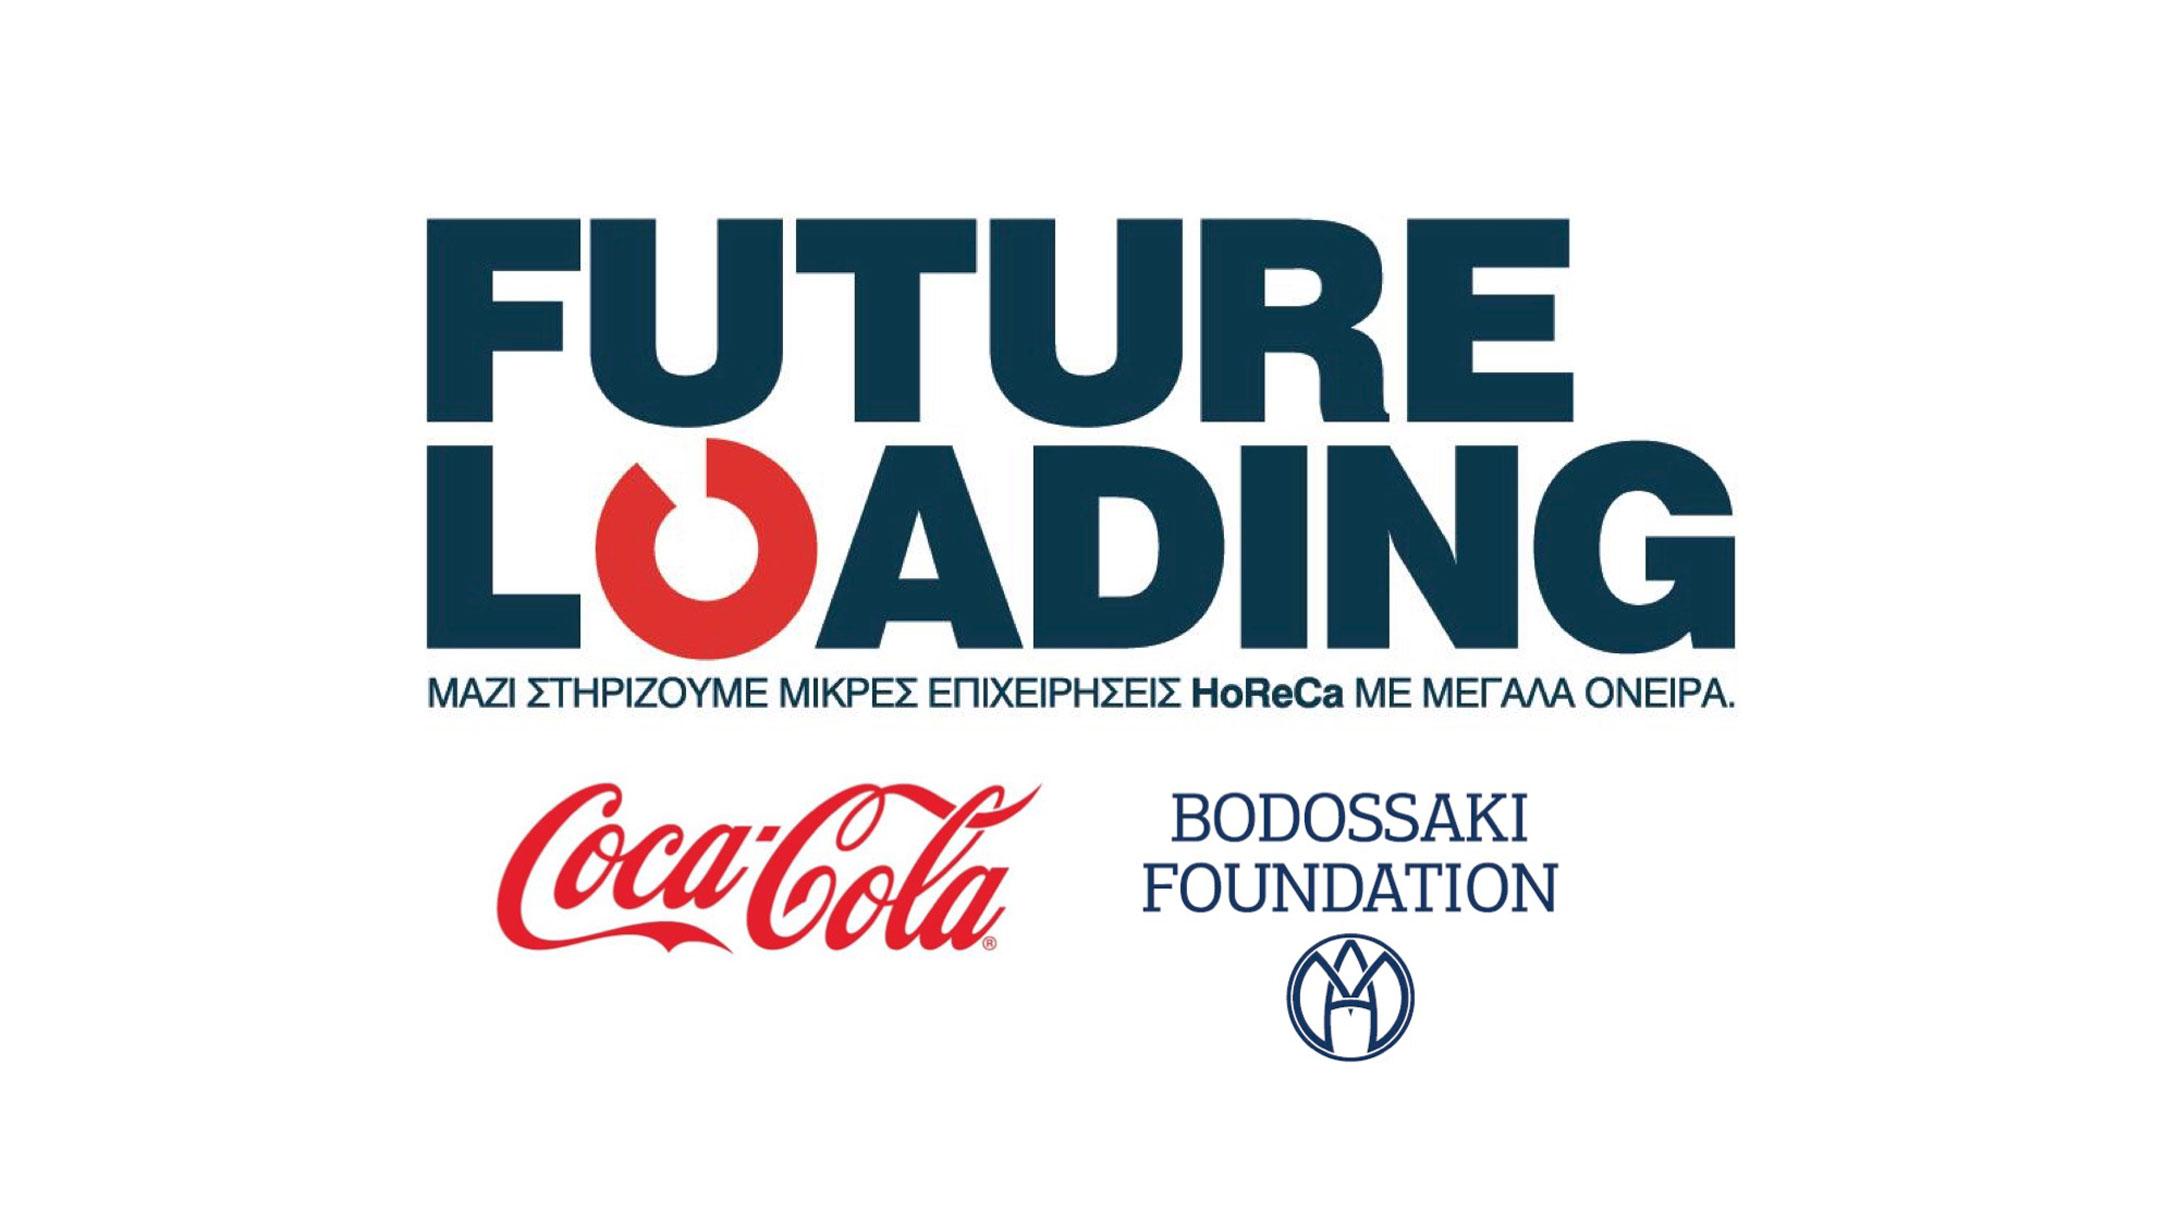 Η Coca-Cola στην Ελλάδα στηρίζει τις μικρές επιχειρήσεις εστίασης Ho.Re.Ca